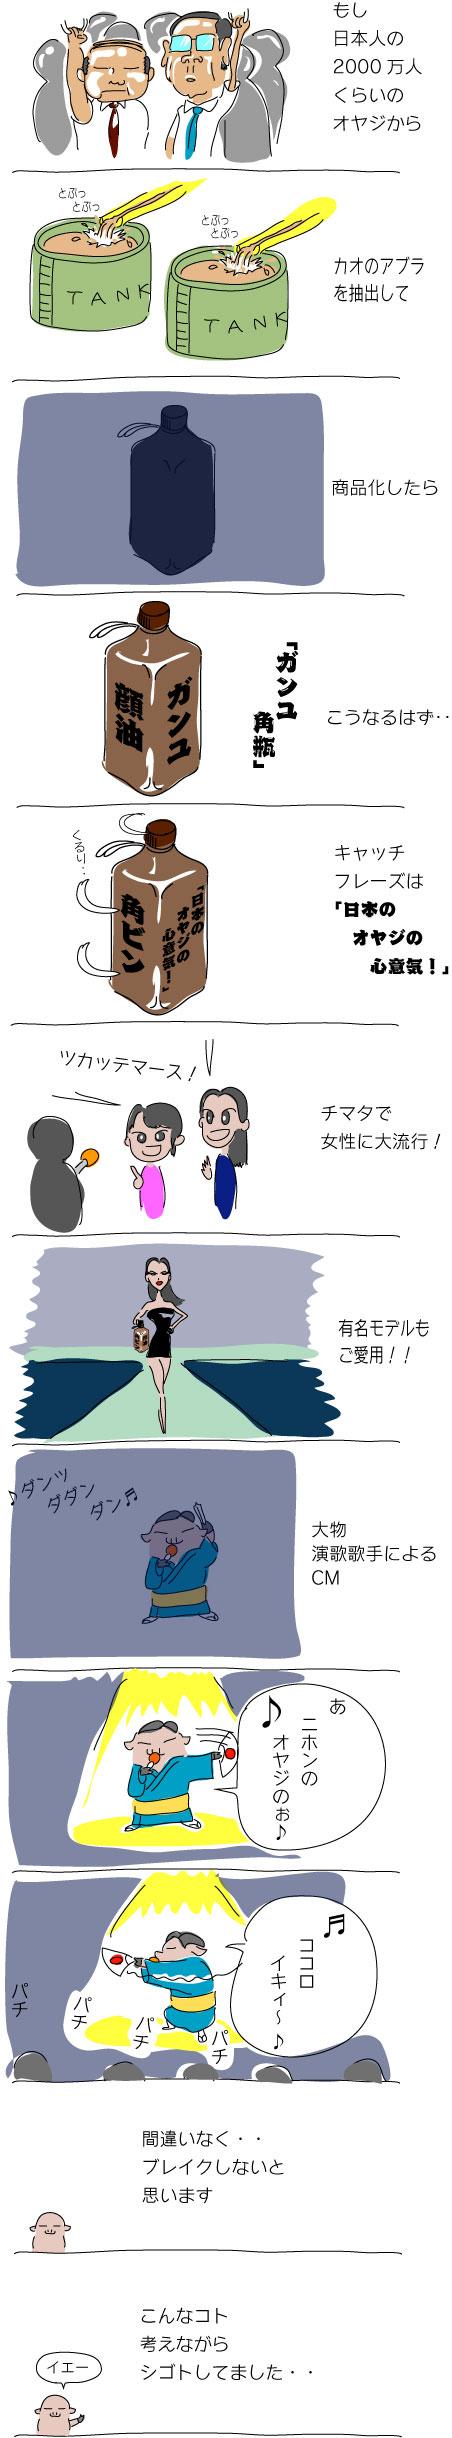 日本のオヤジの心意気